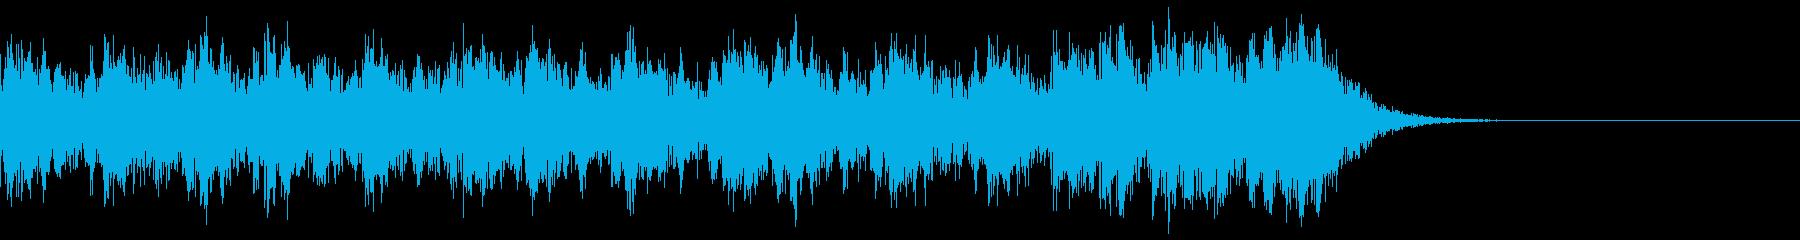 緊迫感のある太鼓の再生済みの波形